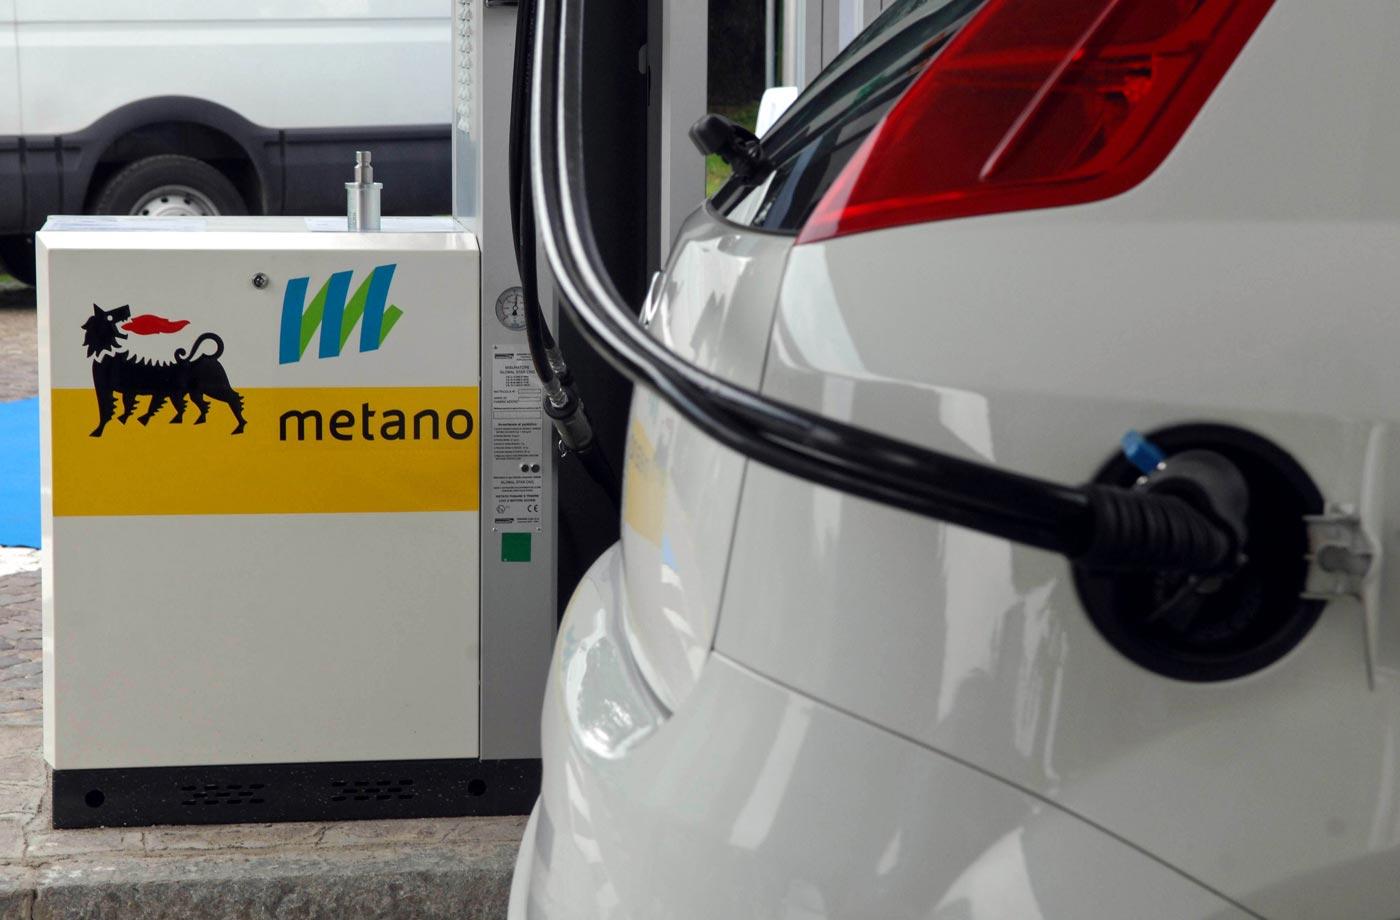 En Italie, les véhicules au GNV représentent 2,1 % du parc en circulation